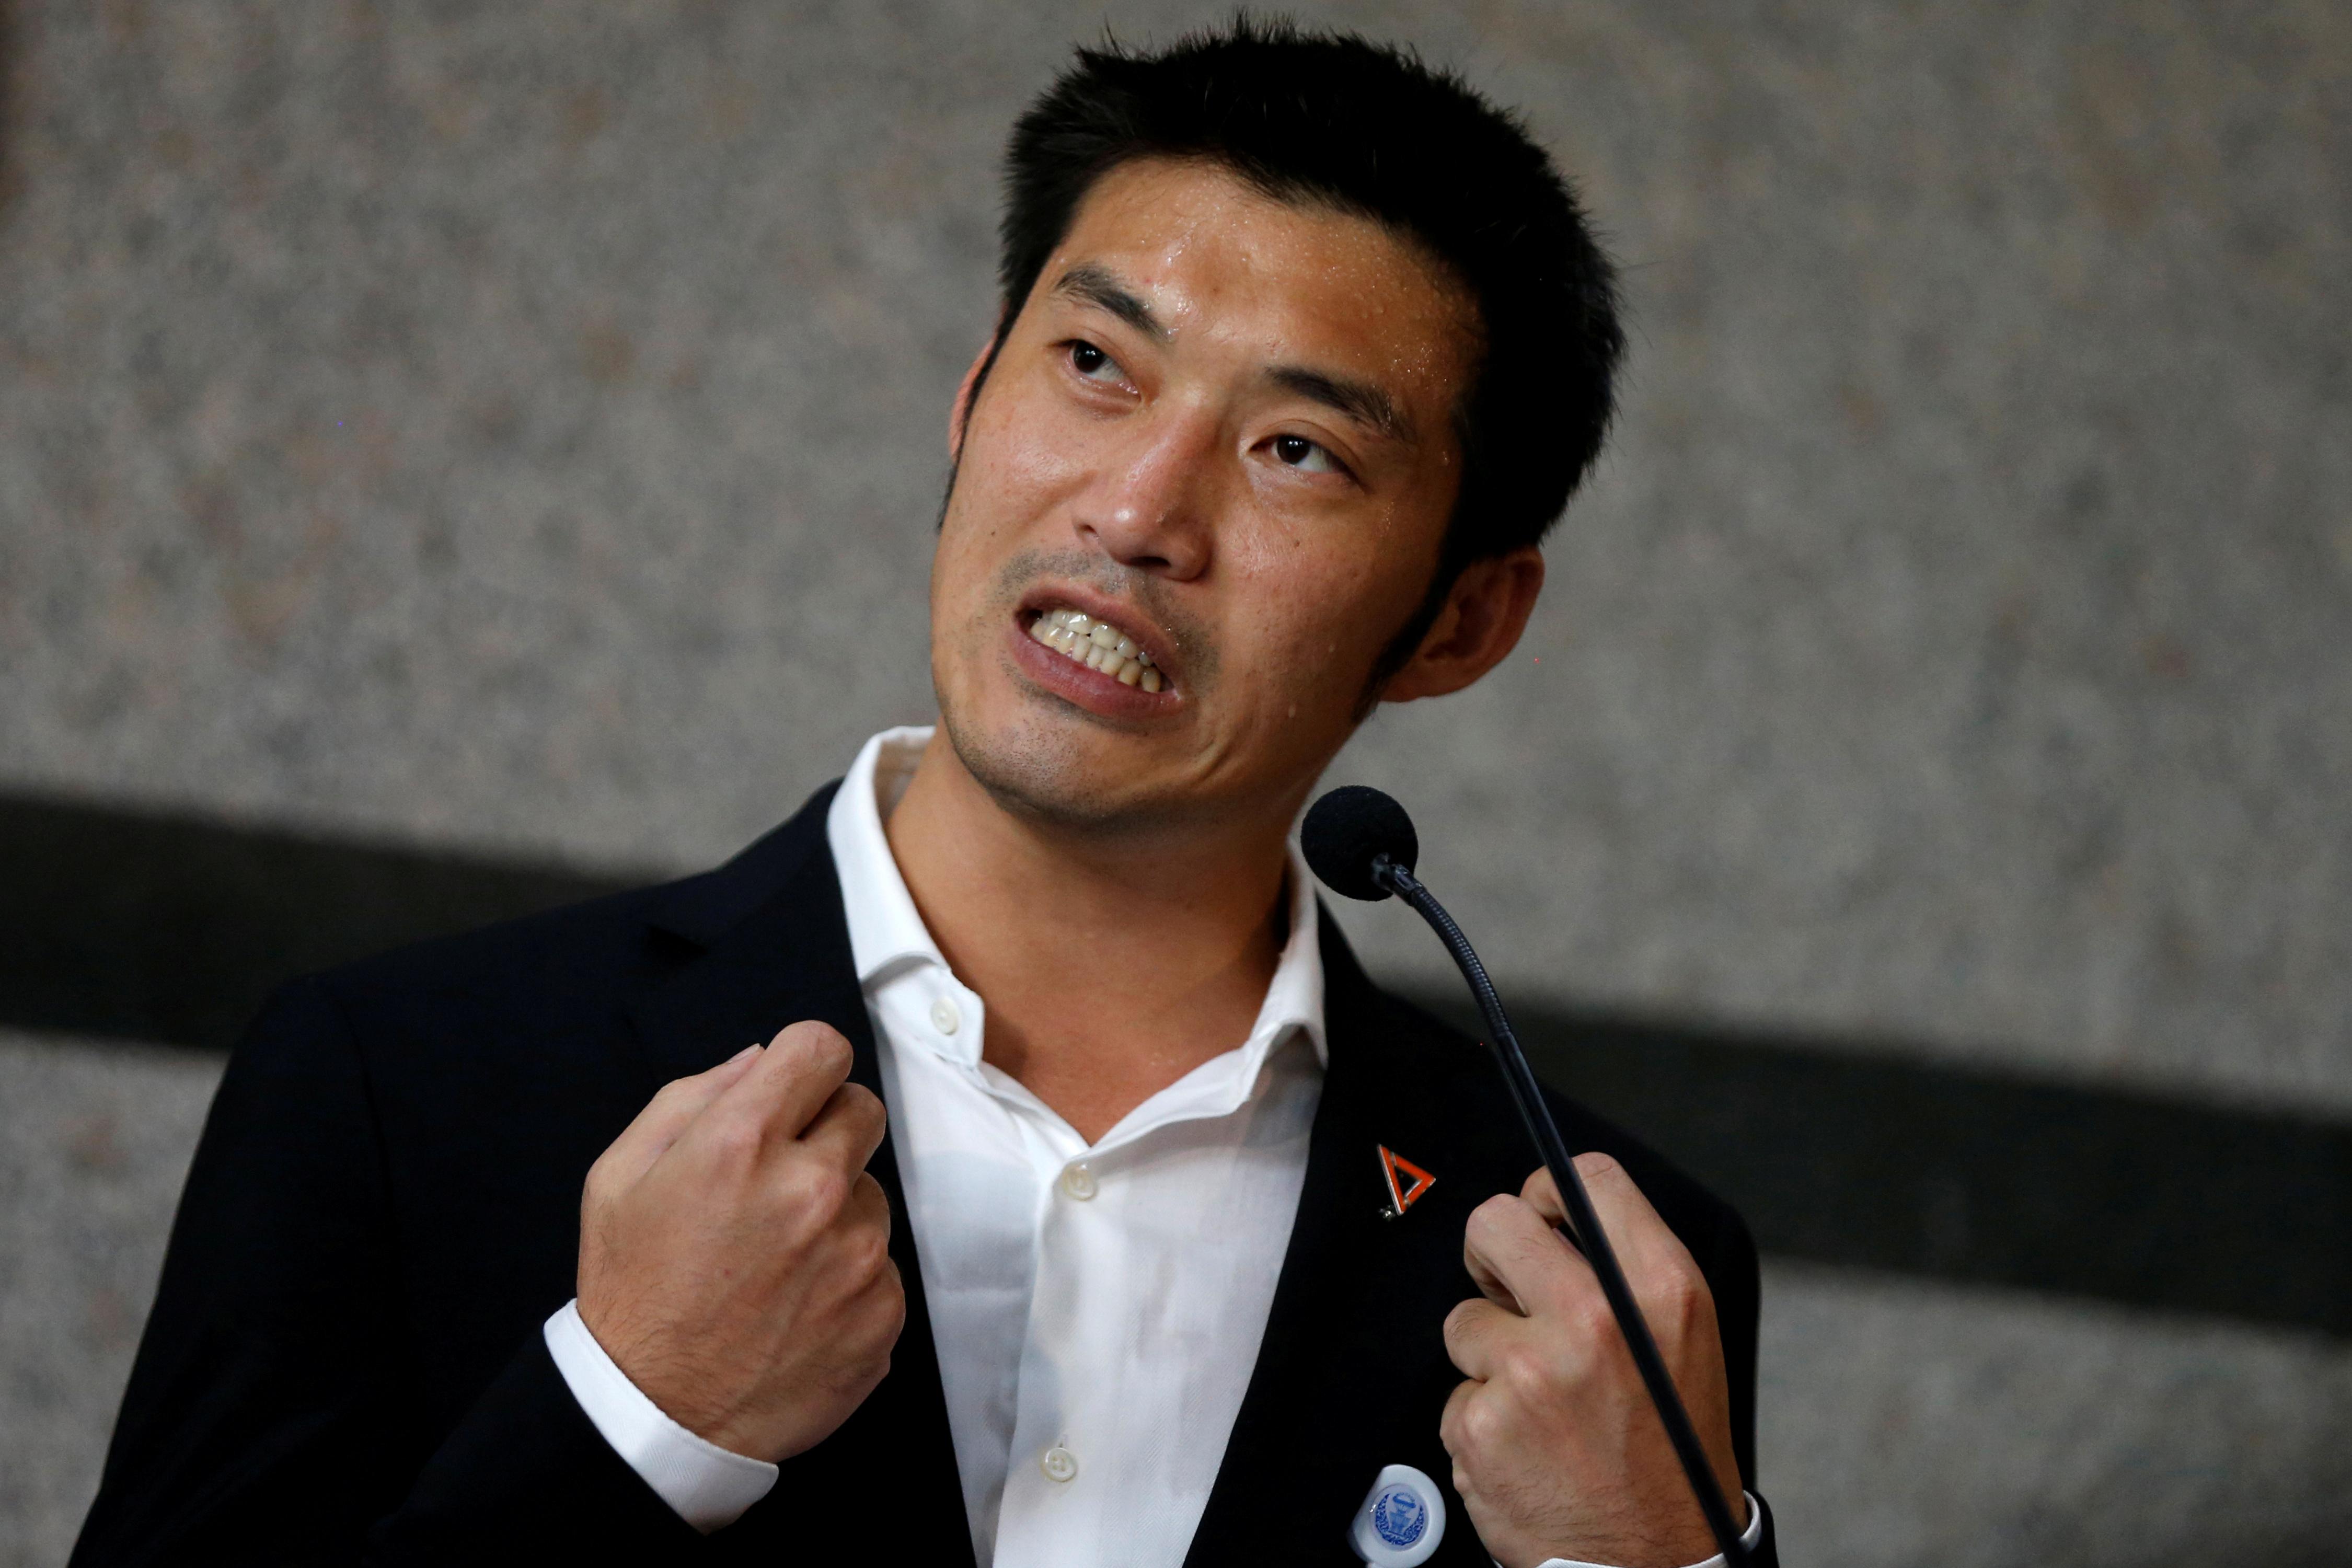 41岁塔纳通带领未来前进党在3月的大选中,成为第三大党,他不时公开批评政府。-路透社-